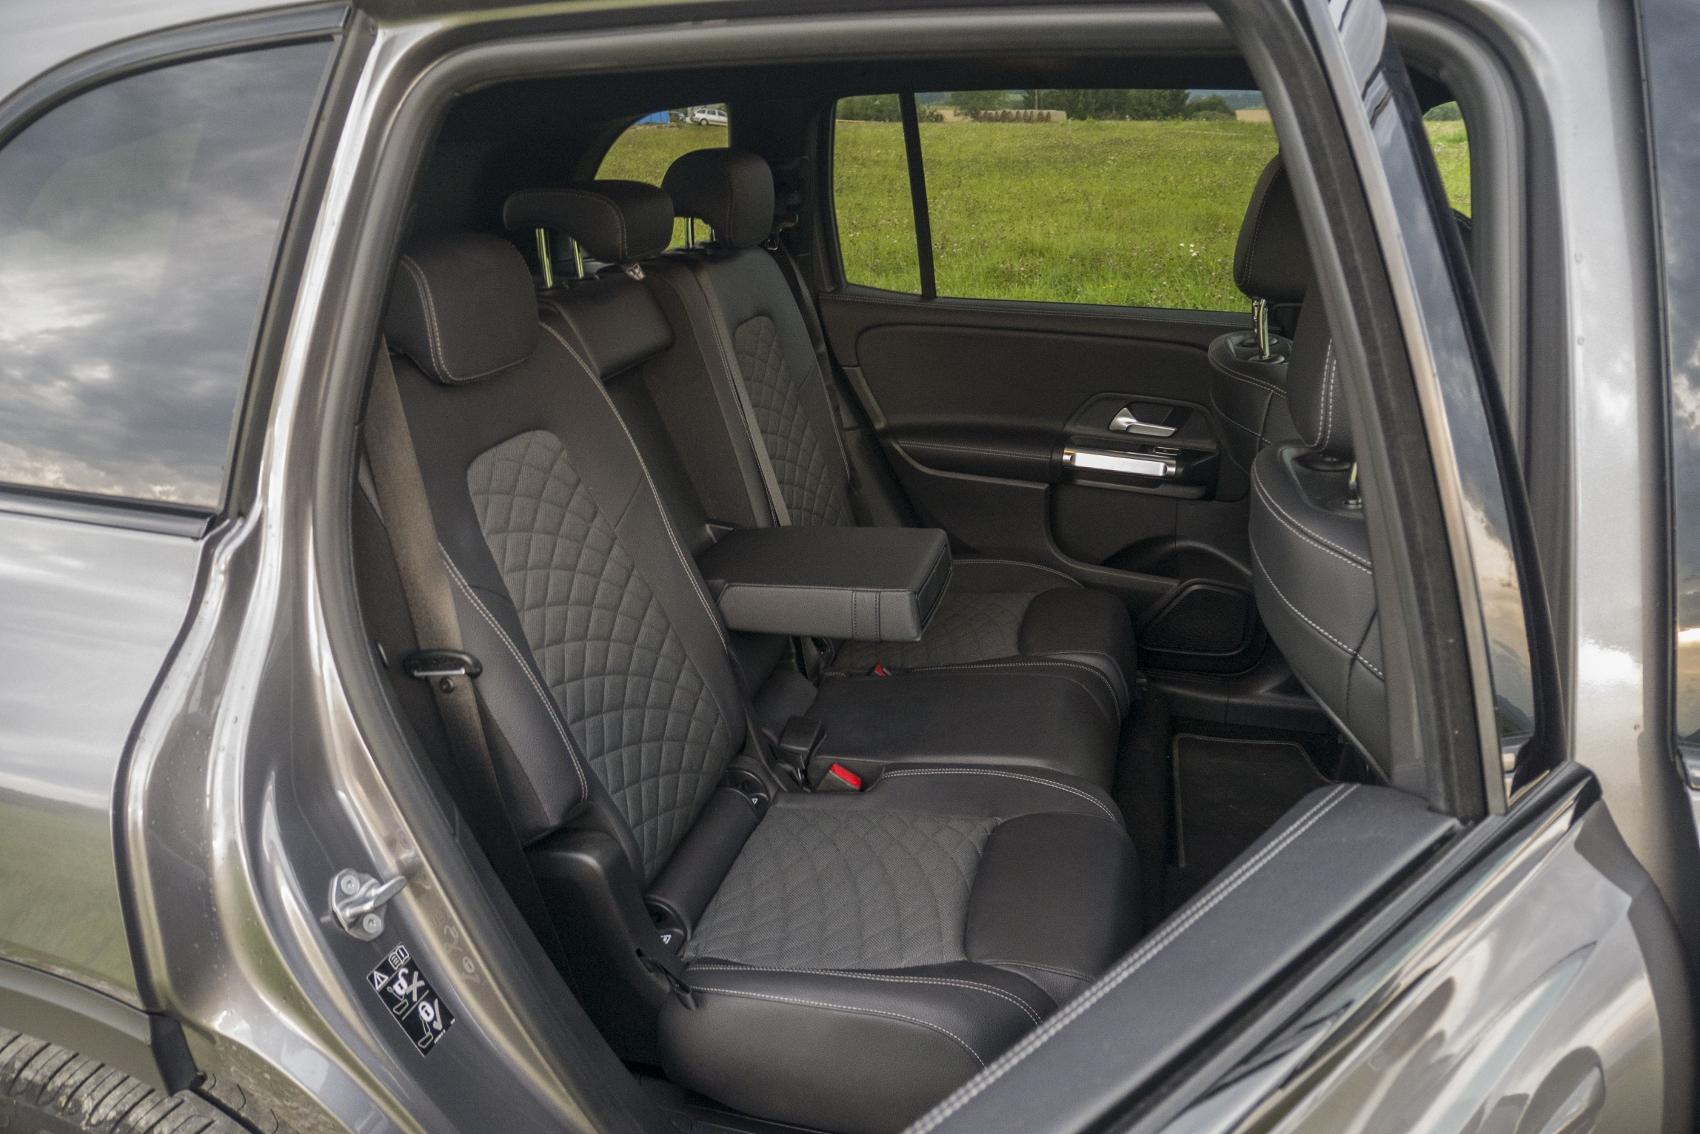 Test: Mercedes GLB 200 ponúka veľký priestor v malom balení GoWmcfCxR4 mercedes-glb-34-1700x1134